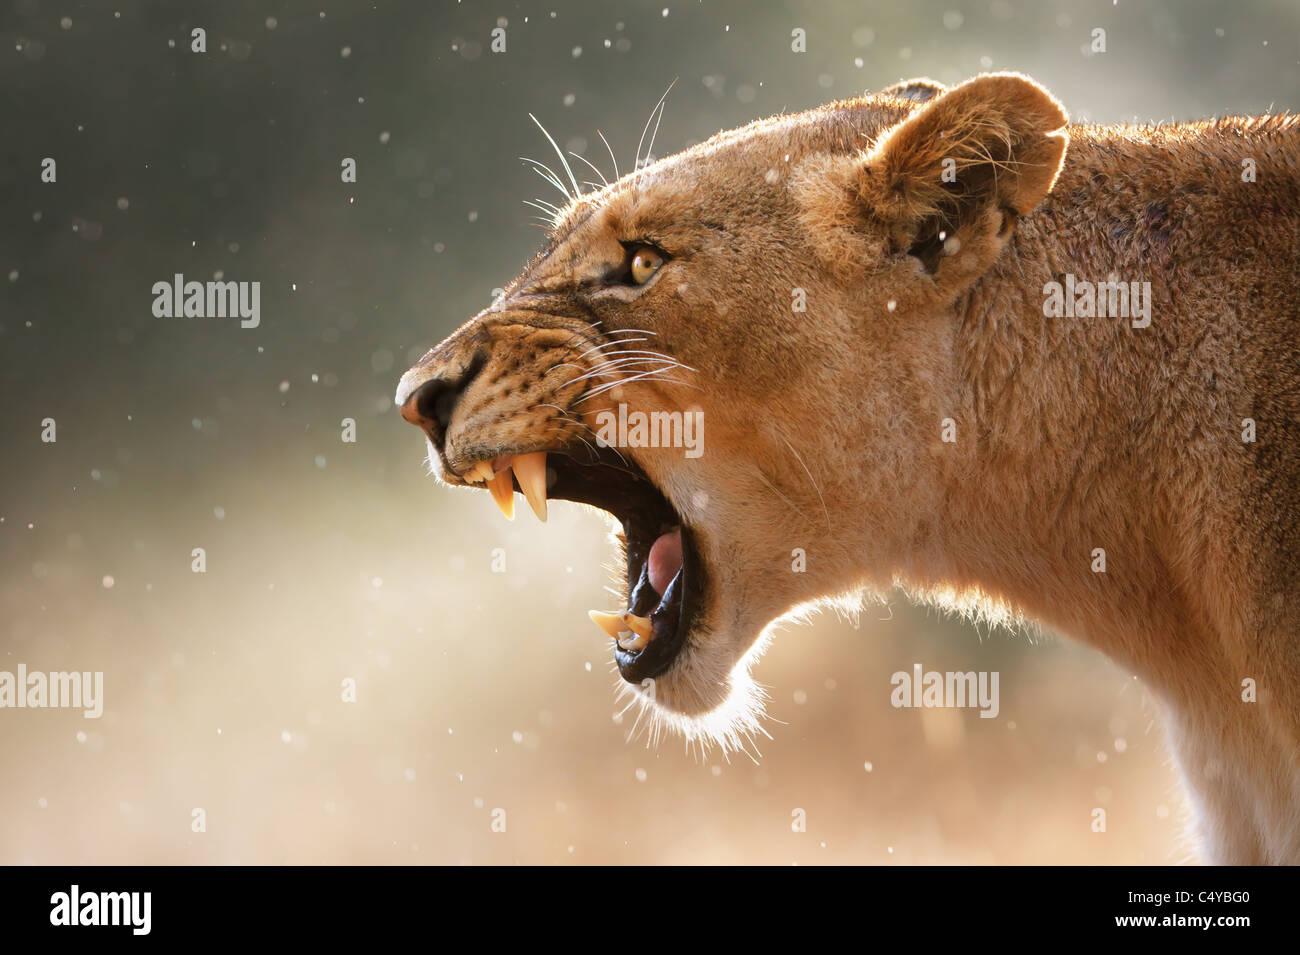 León muestra dientes peligrosos durante la tormenta de luz - Parque Nacional Kruger - Sudáfrica Imagen De Stock